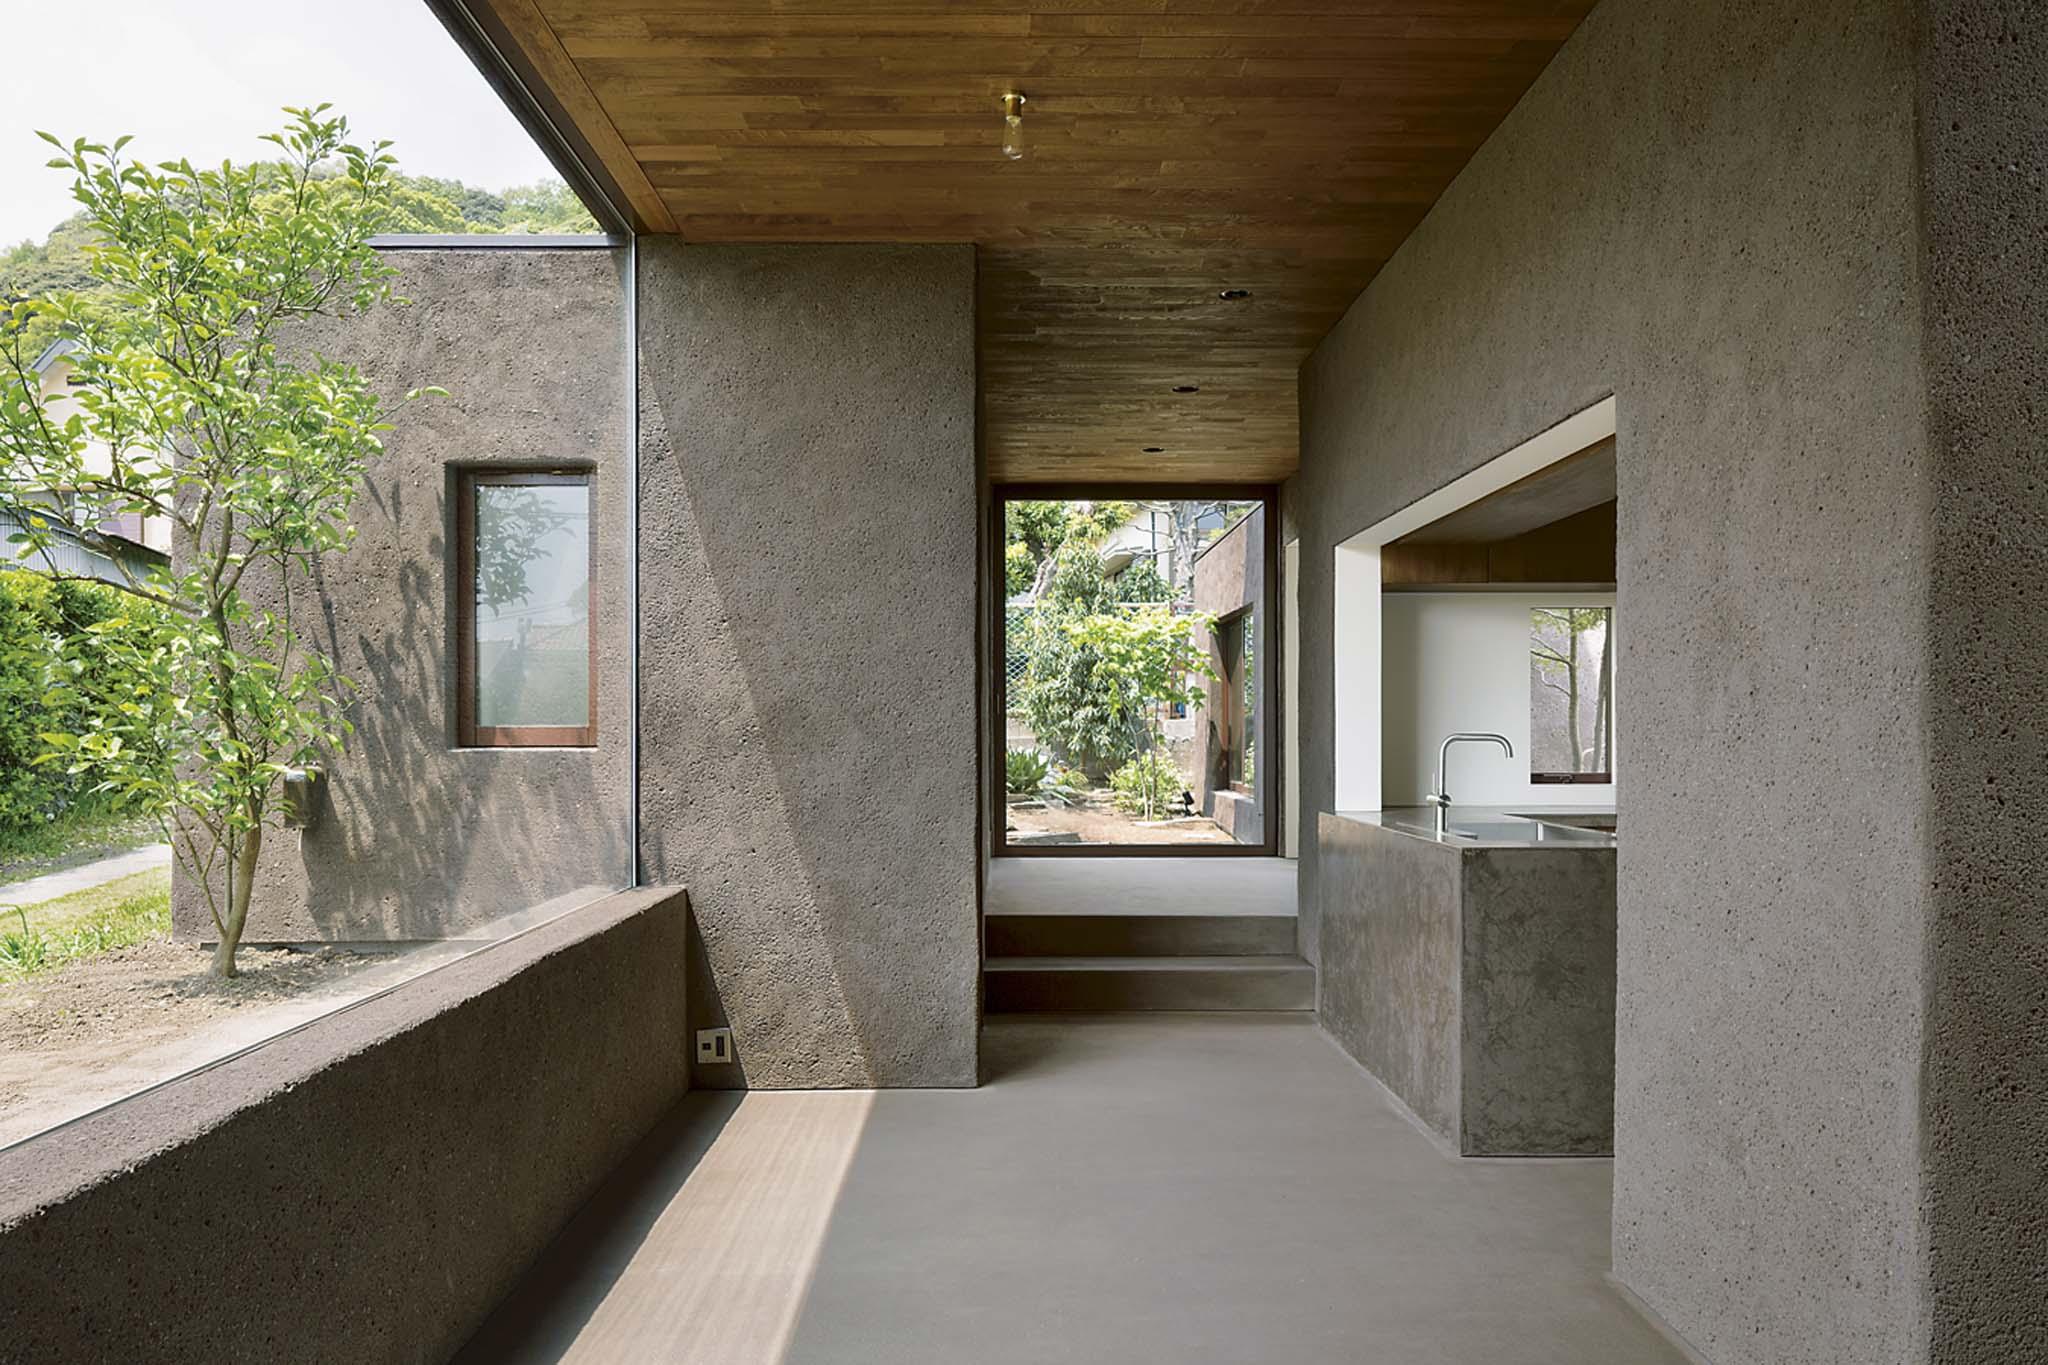 R sidence tokyo par dgt architects afin de tirer parti - La residence kitchel par boora architects ...